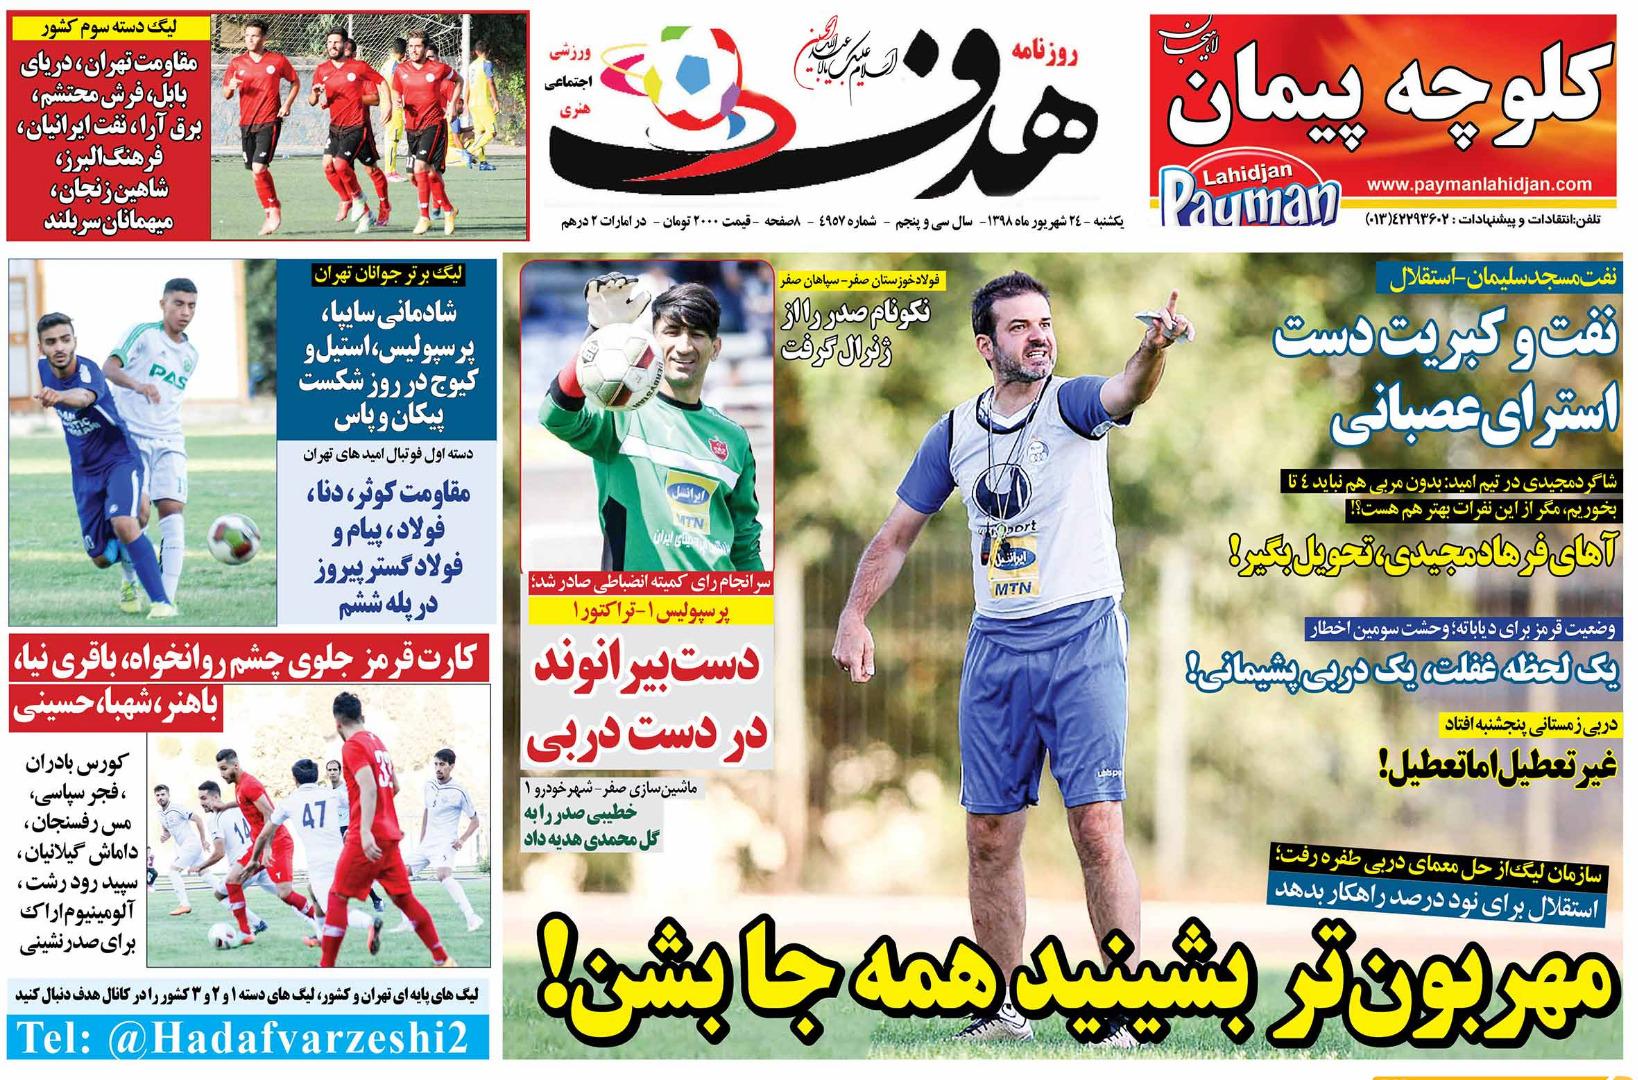 روزنامه ؛ مرور عناوین مهم روزنامه هدف ورزشی یکشنبه 24 شهریور